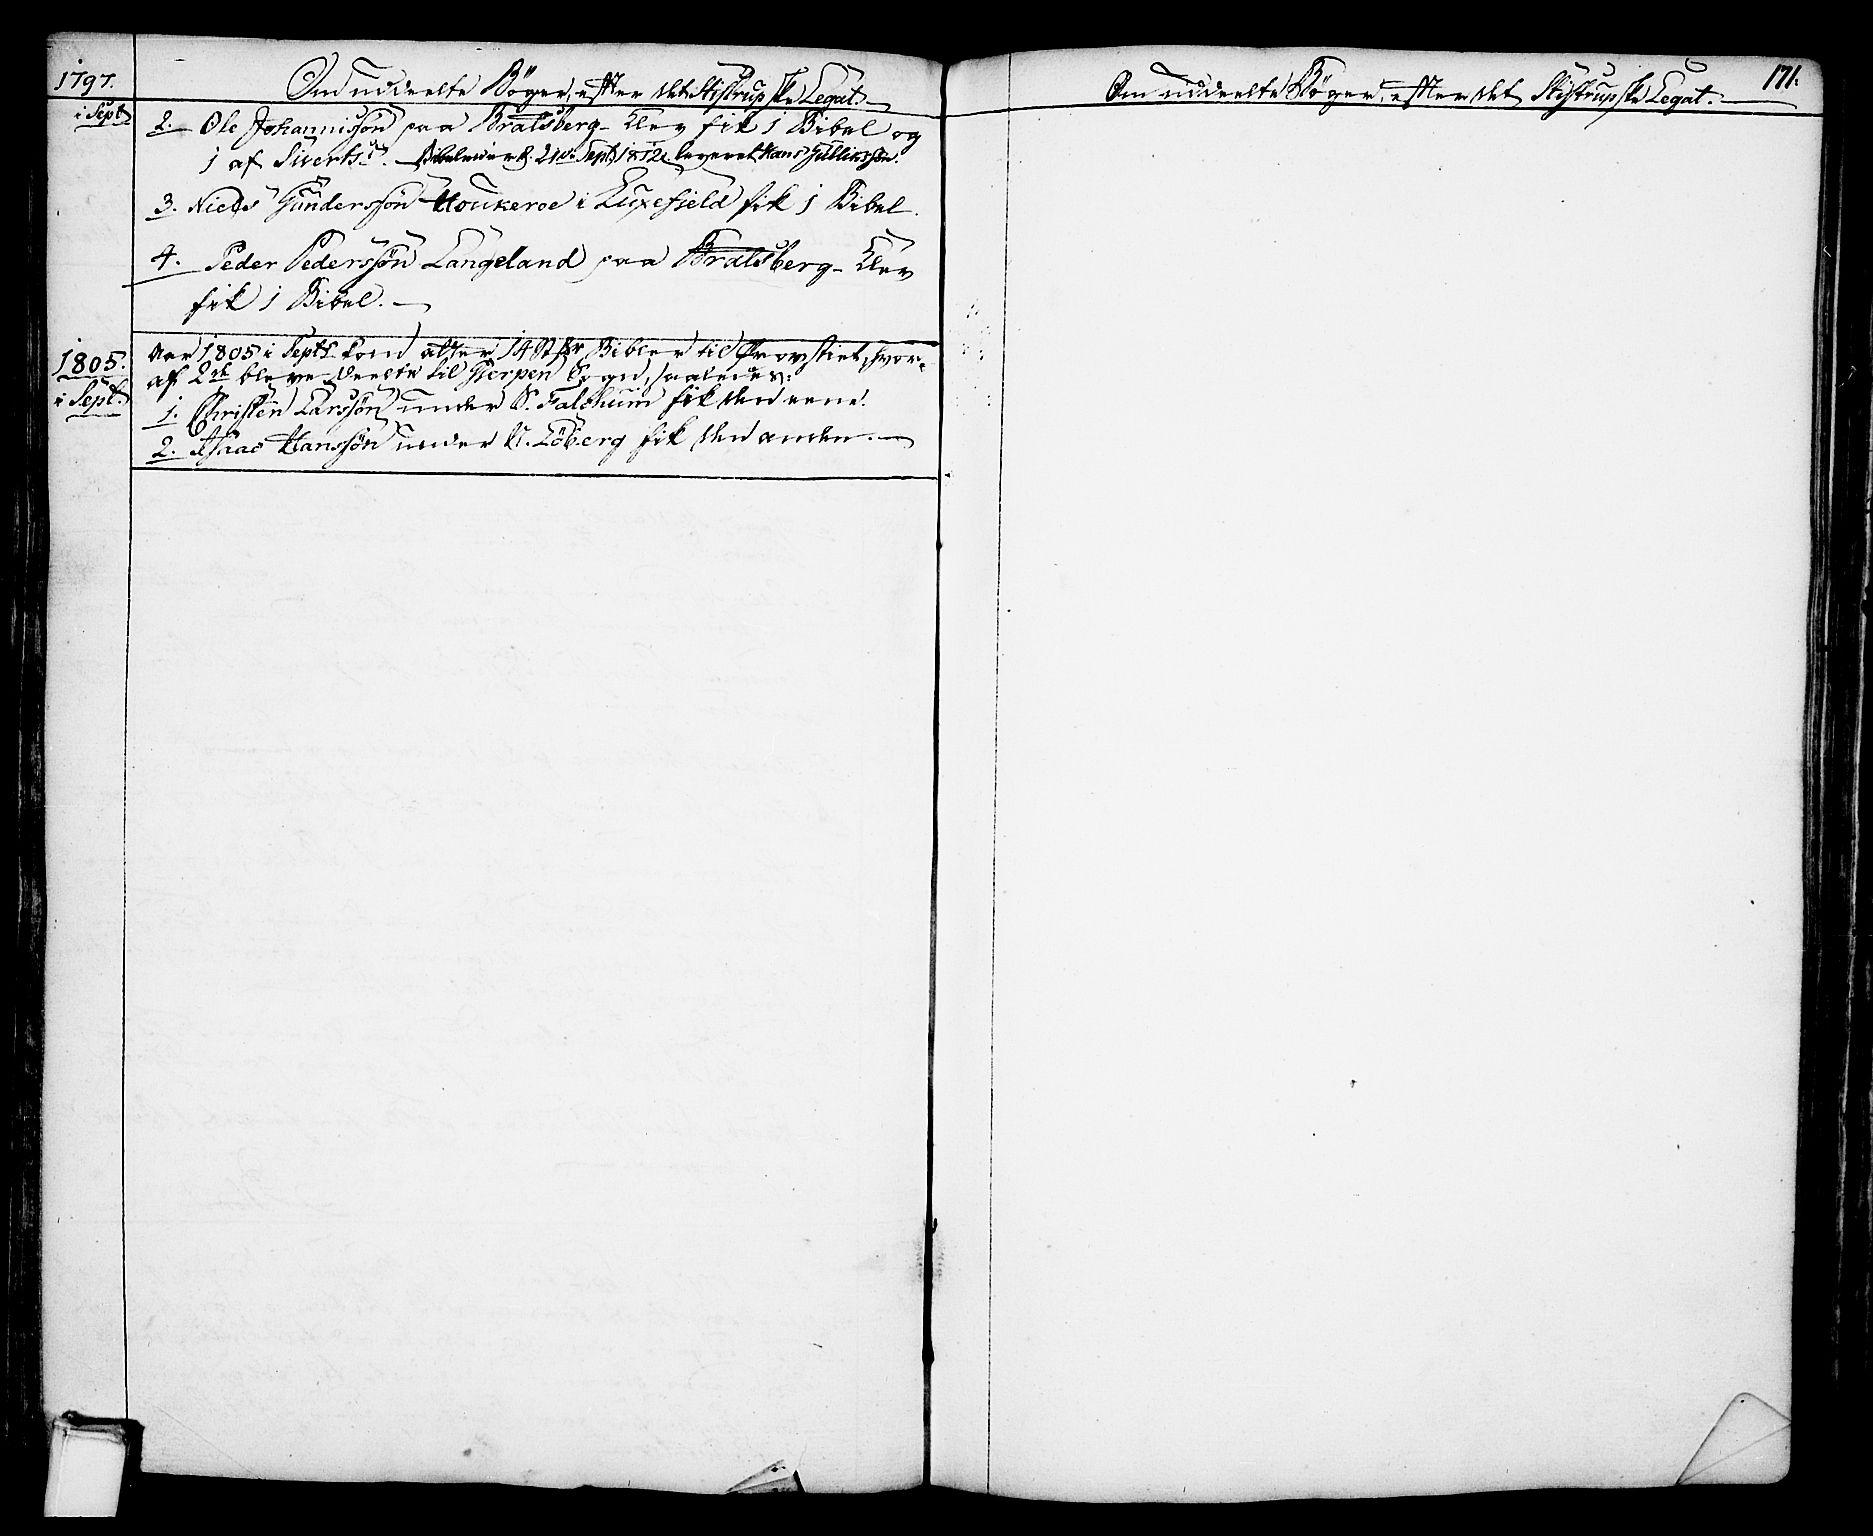 SAKO, Gjerpen kirkebøker, F/Fa/L0002: Ministerialbok nr. 2, 1747-1795, s. 171